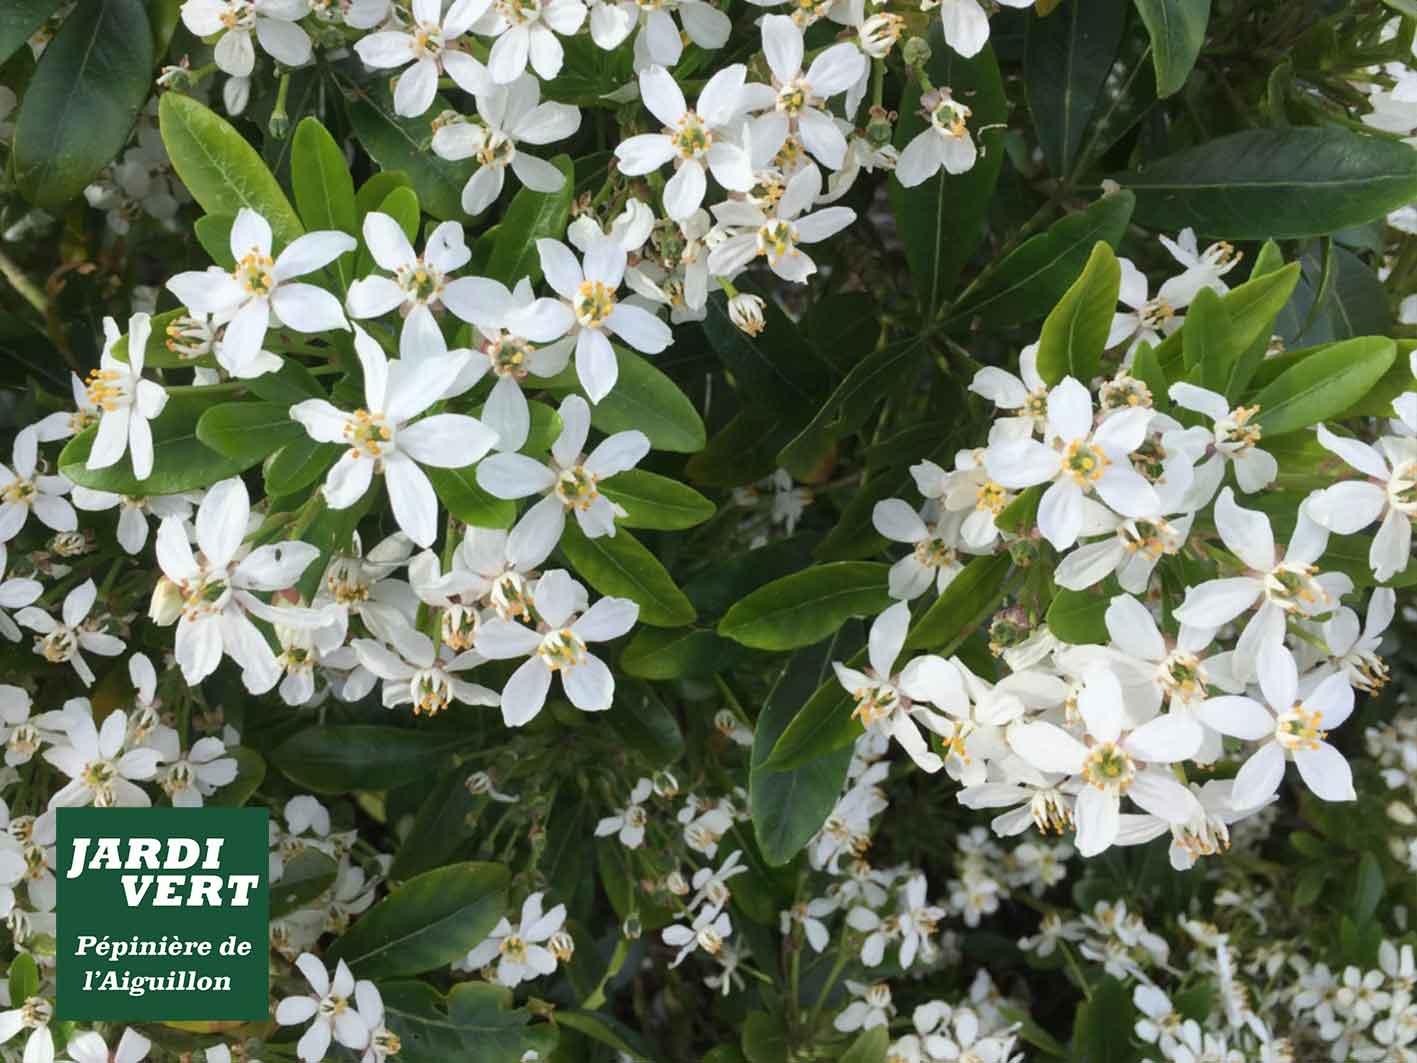 Planter un arbuste persistant et fleuri, le choisya - Jardinerie de l'Aiguillon Toulouse